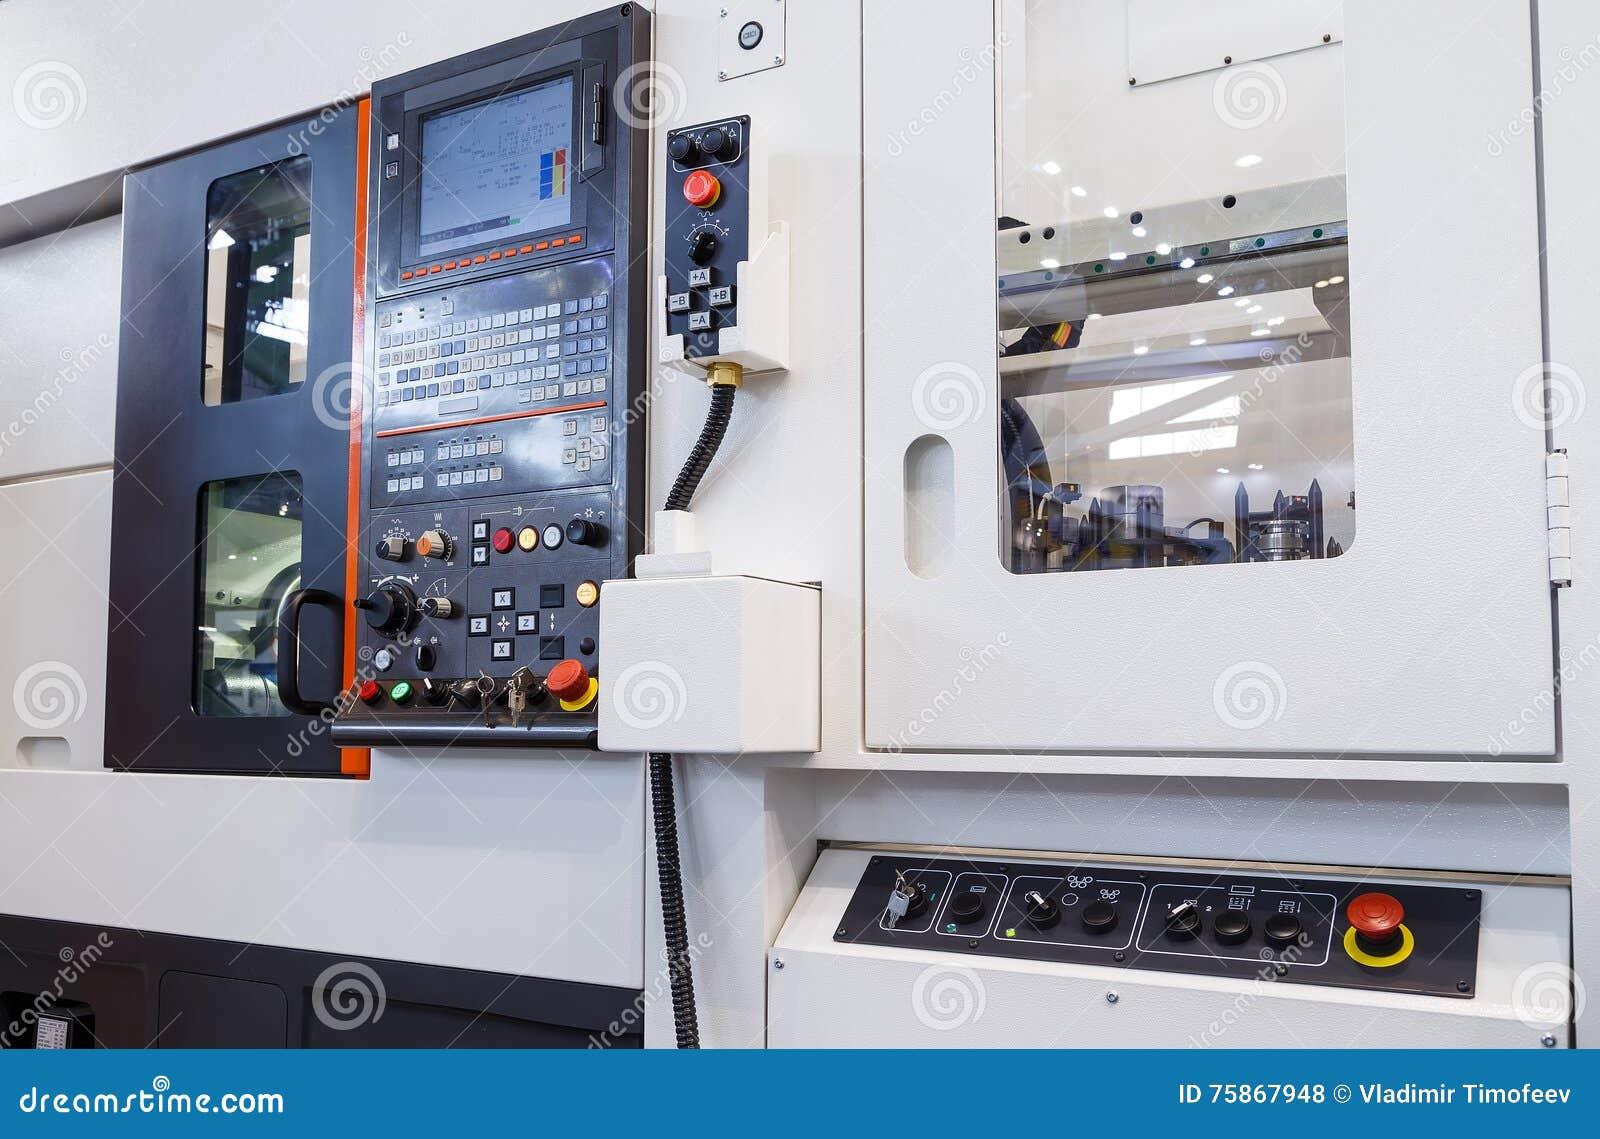 Industrielle Ausrüstung der Fräsmaschinemitte cnc in der Werkzeugfertigungswerkstatt